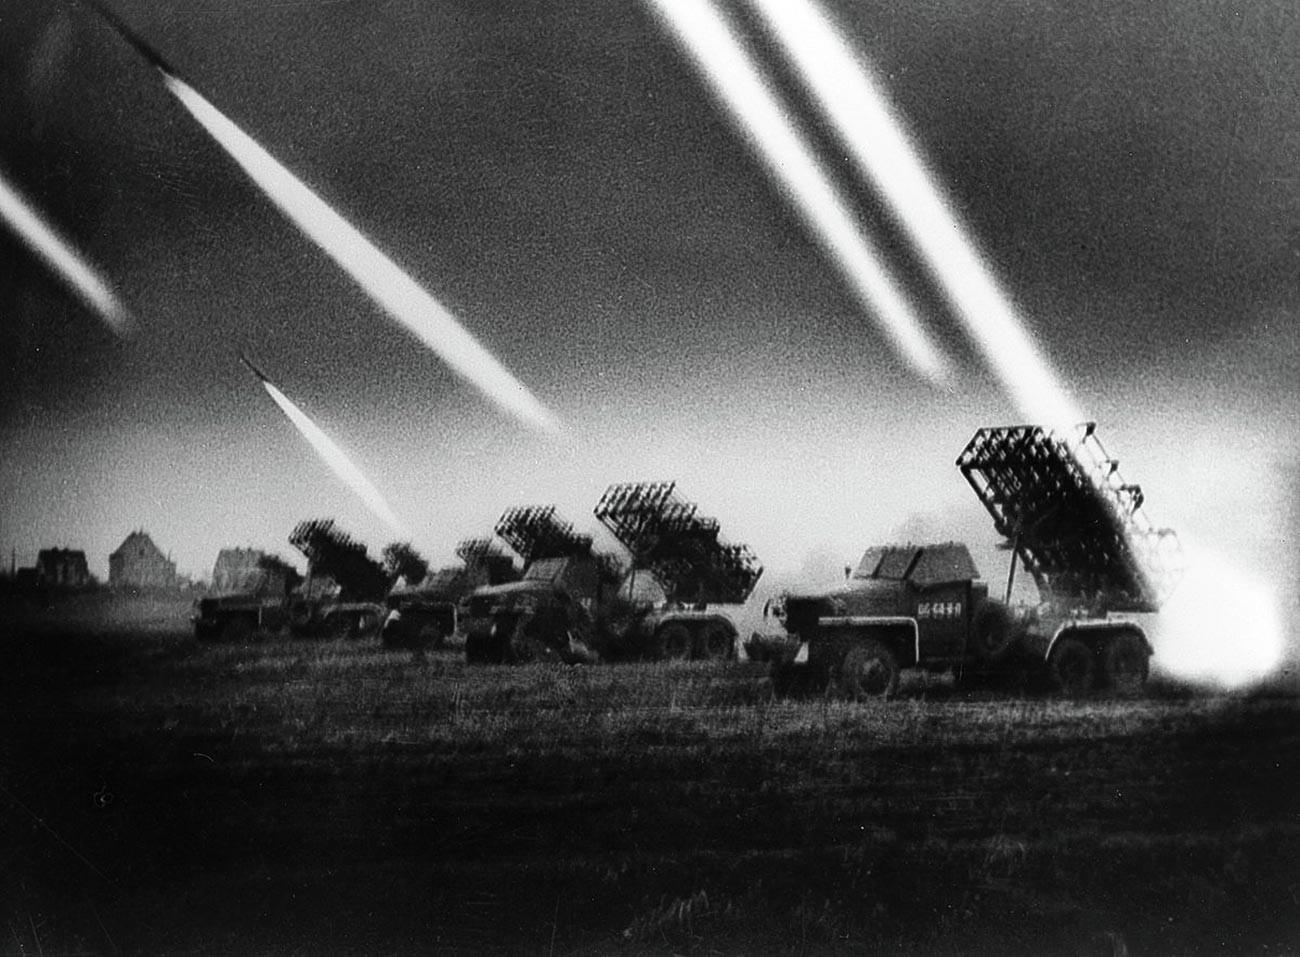 Katjuscha-Raketenwerfer im Einsatz